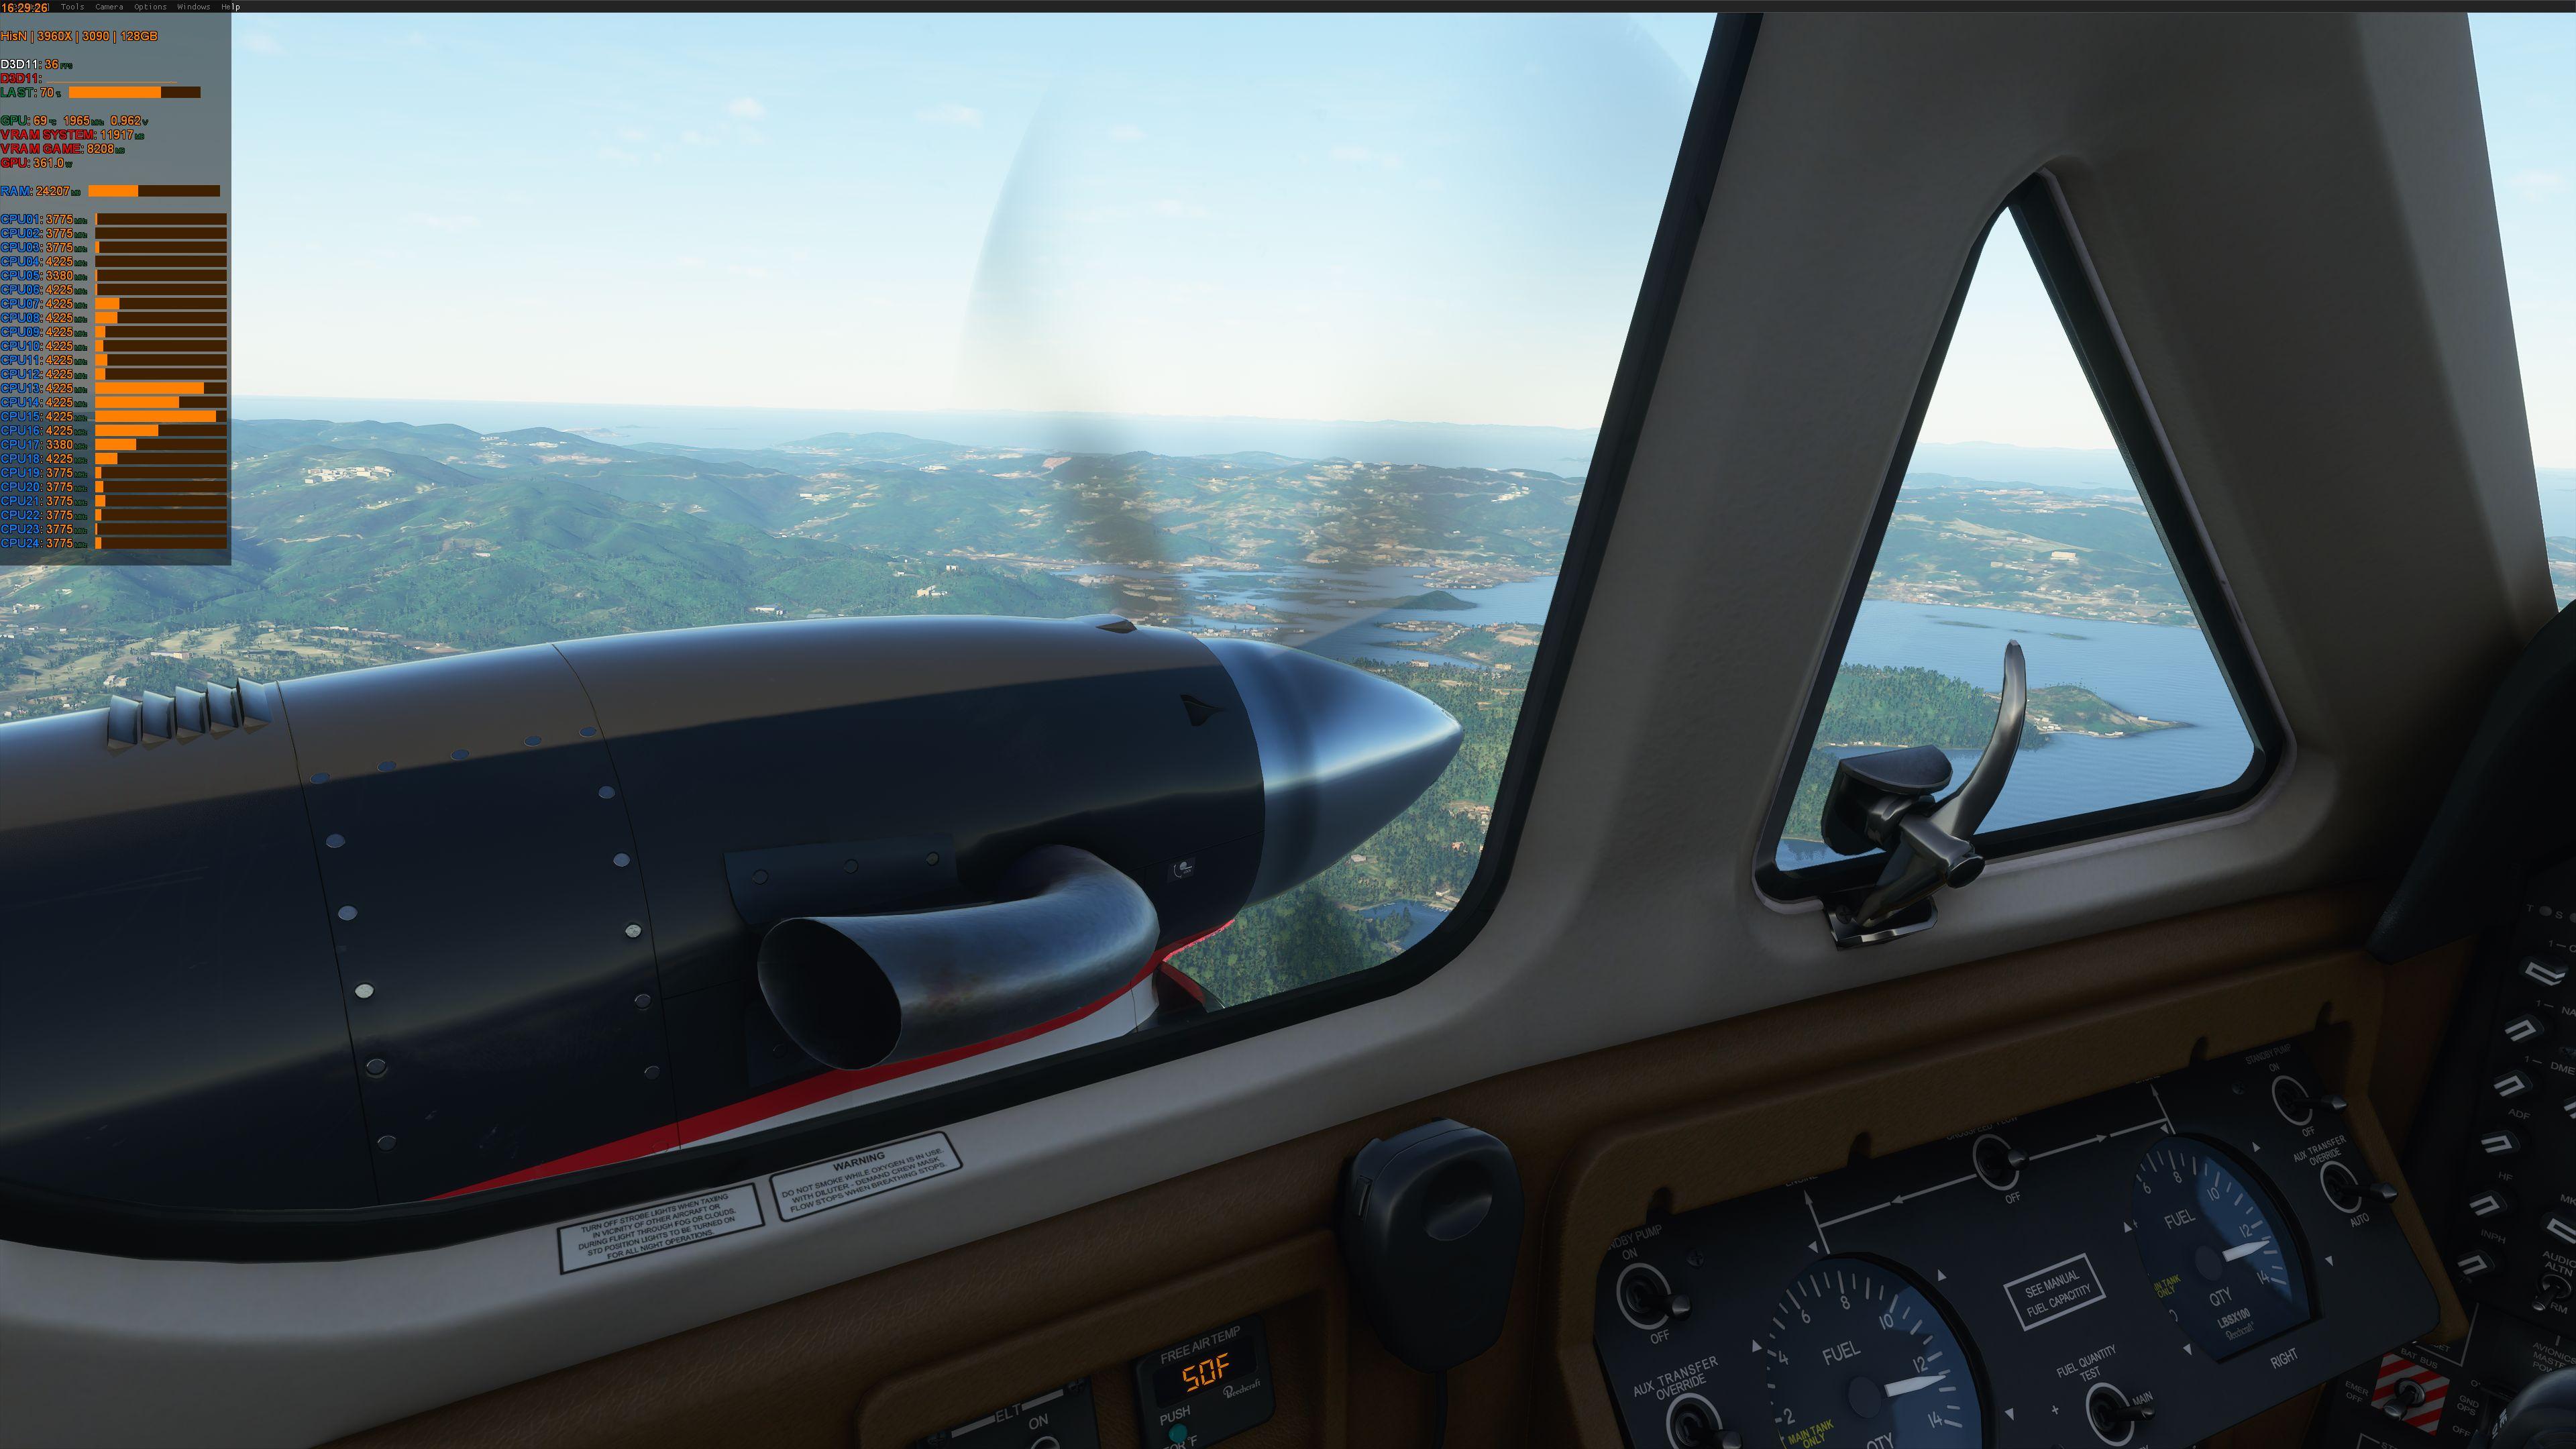 flightsimulator_2020_fokan.jpg